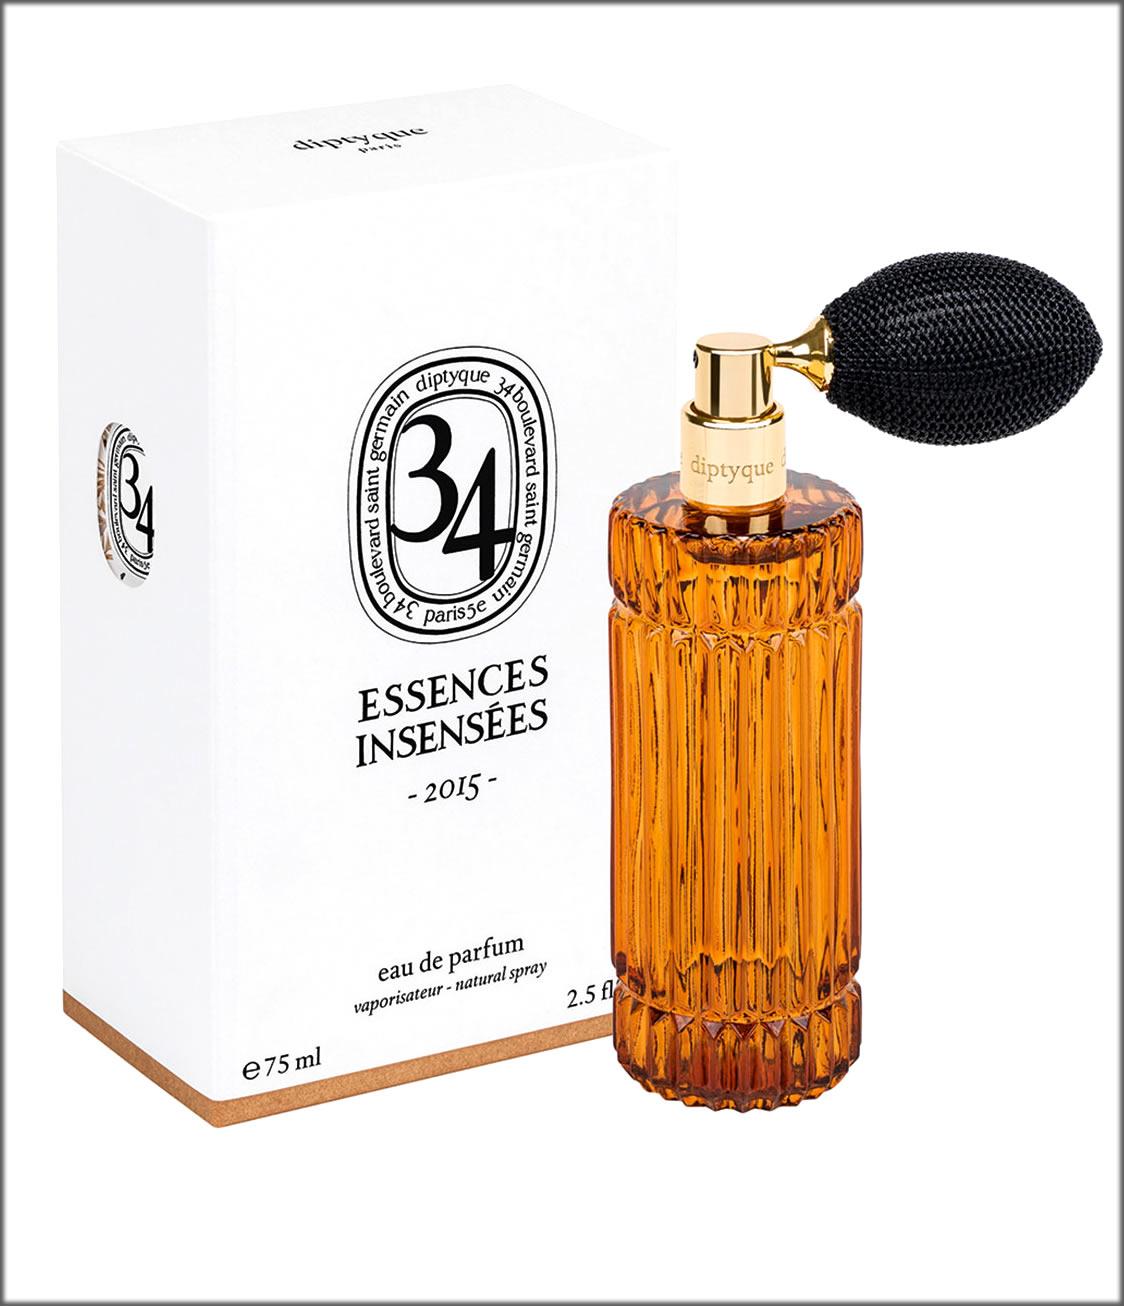 Essences Insensees Best Eau de Parfum Collection